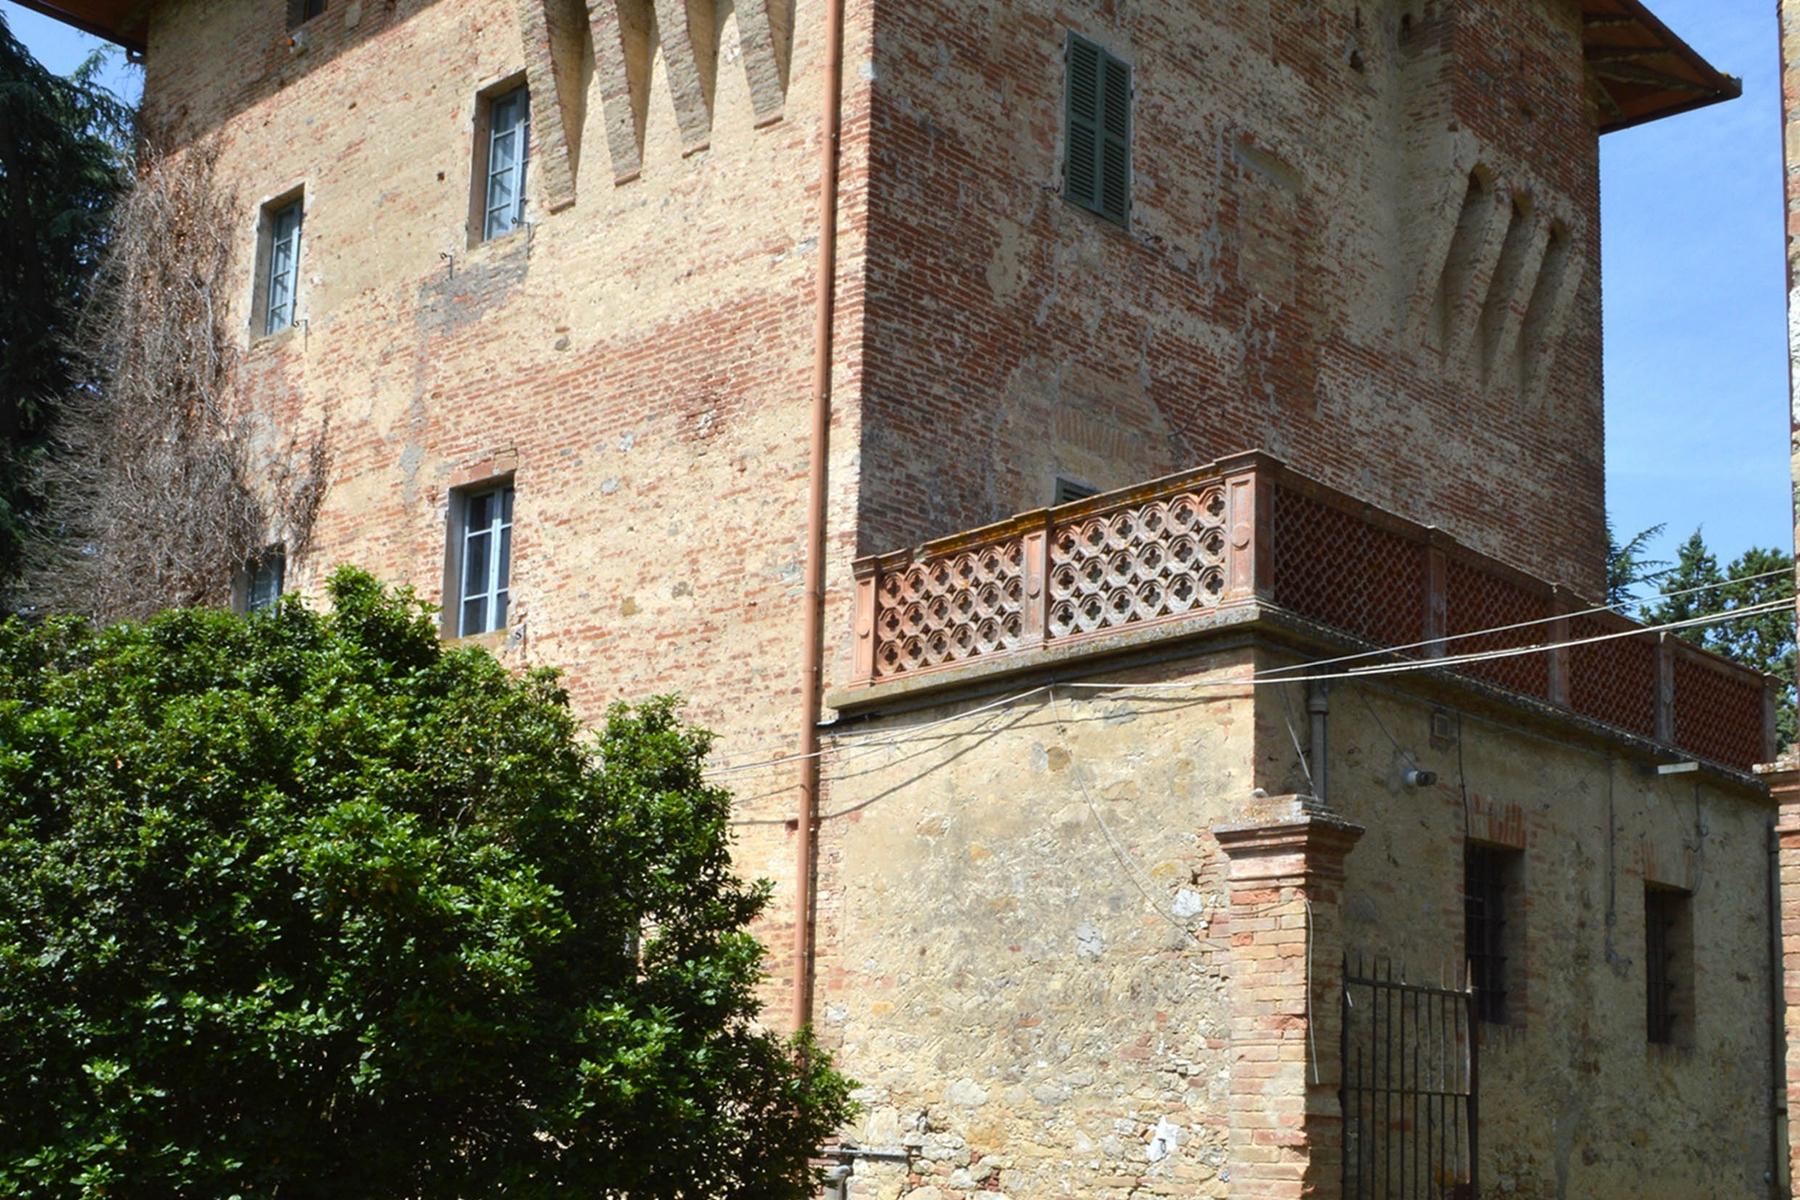 Rustico in Vendita a Marsciano: 5 locali, 1500 mq - Foto 6